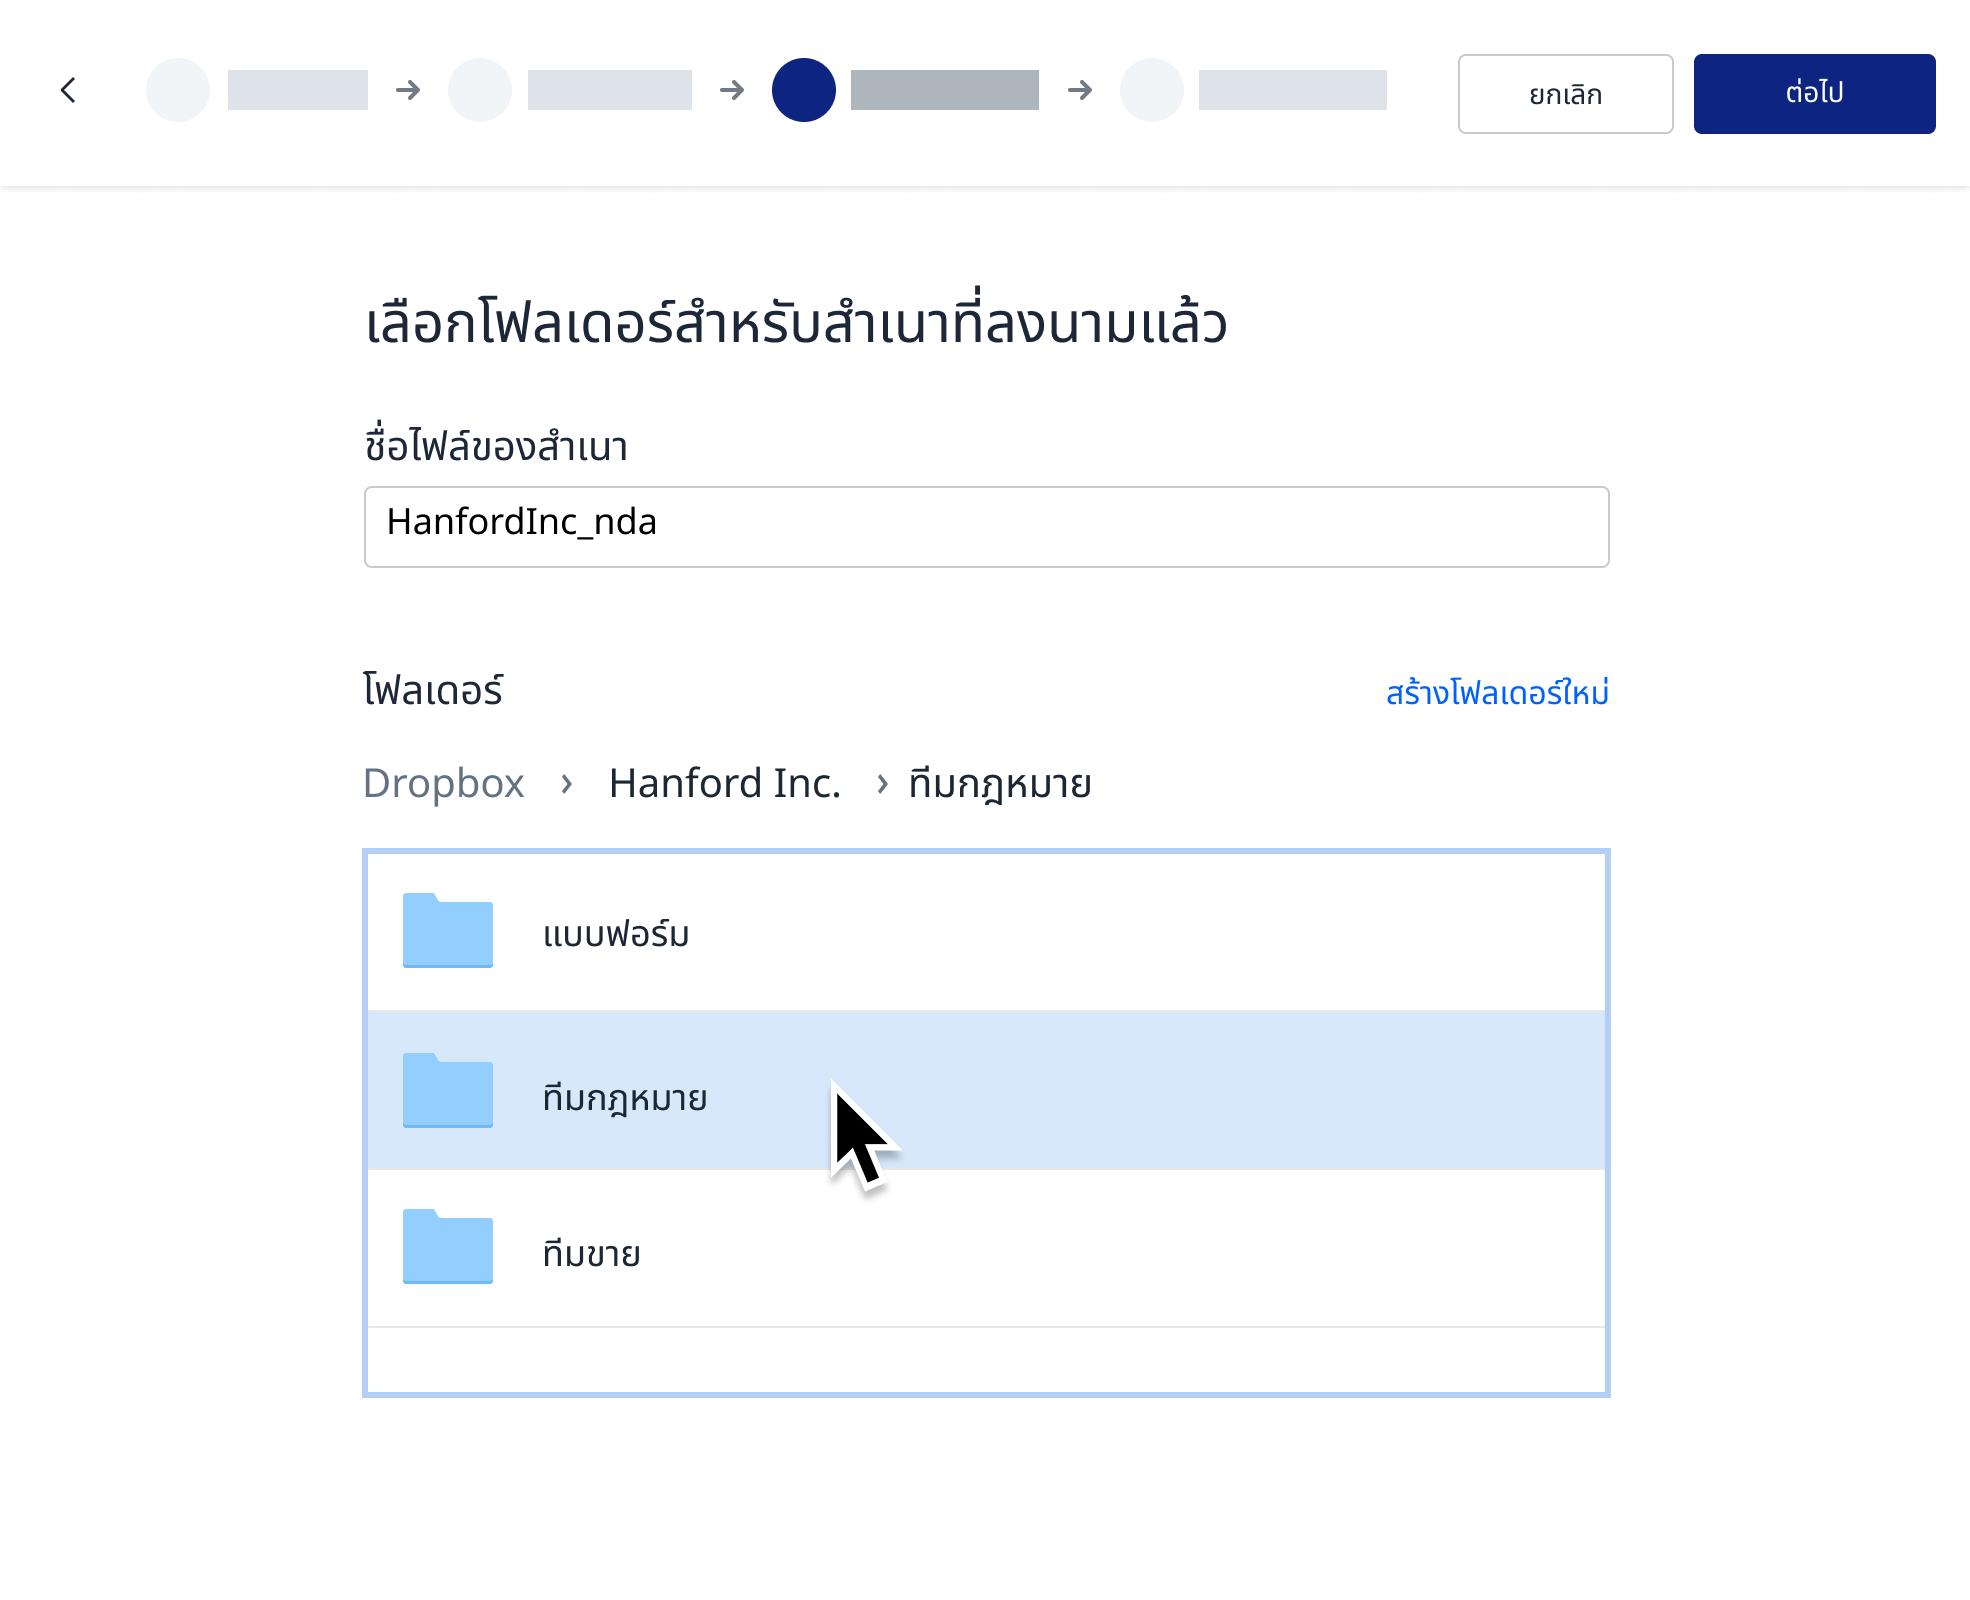 ภาพหน้าจอแสดงการจัดเก็บสำเนาที่ลงนามในโฟลเดอร์ Dropbox